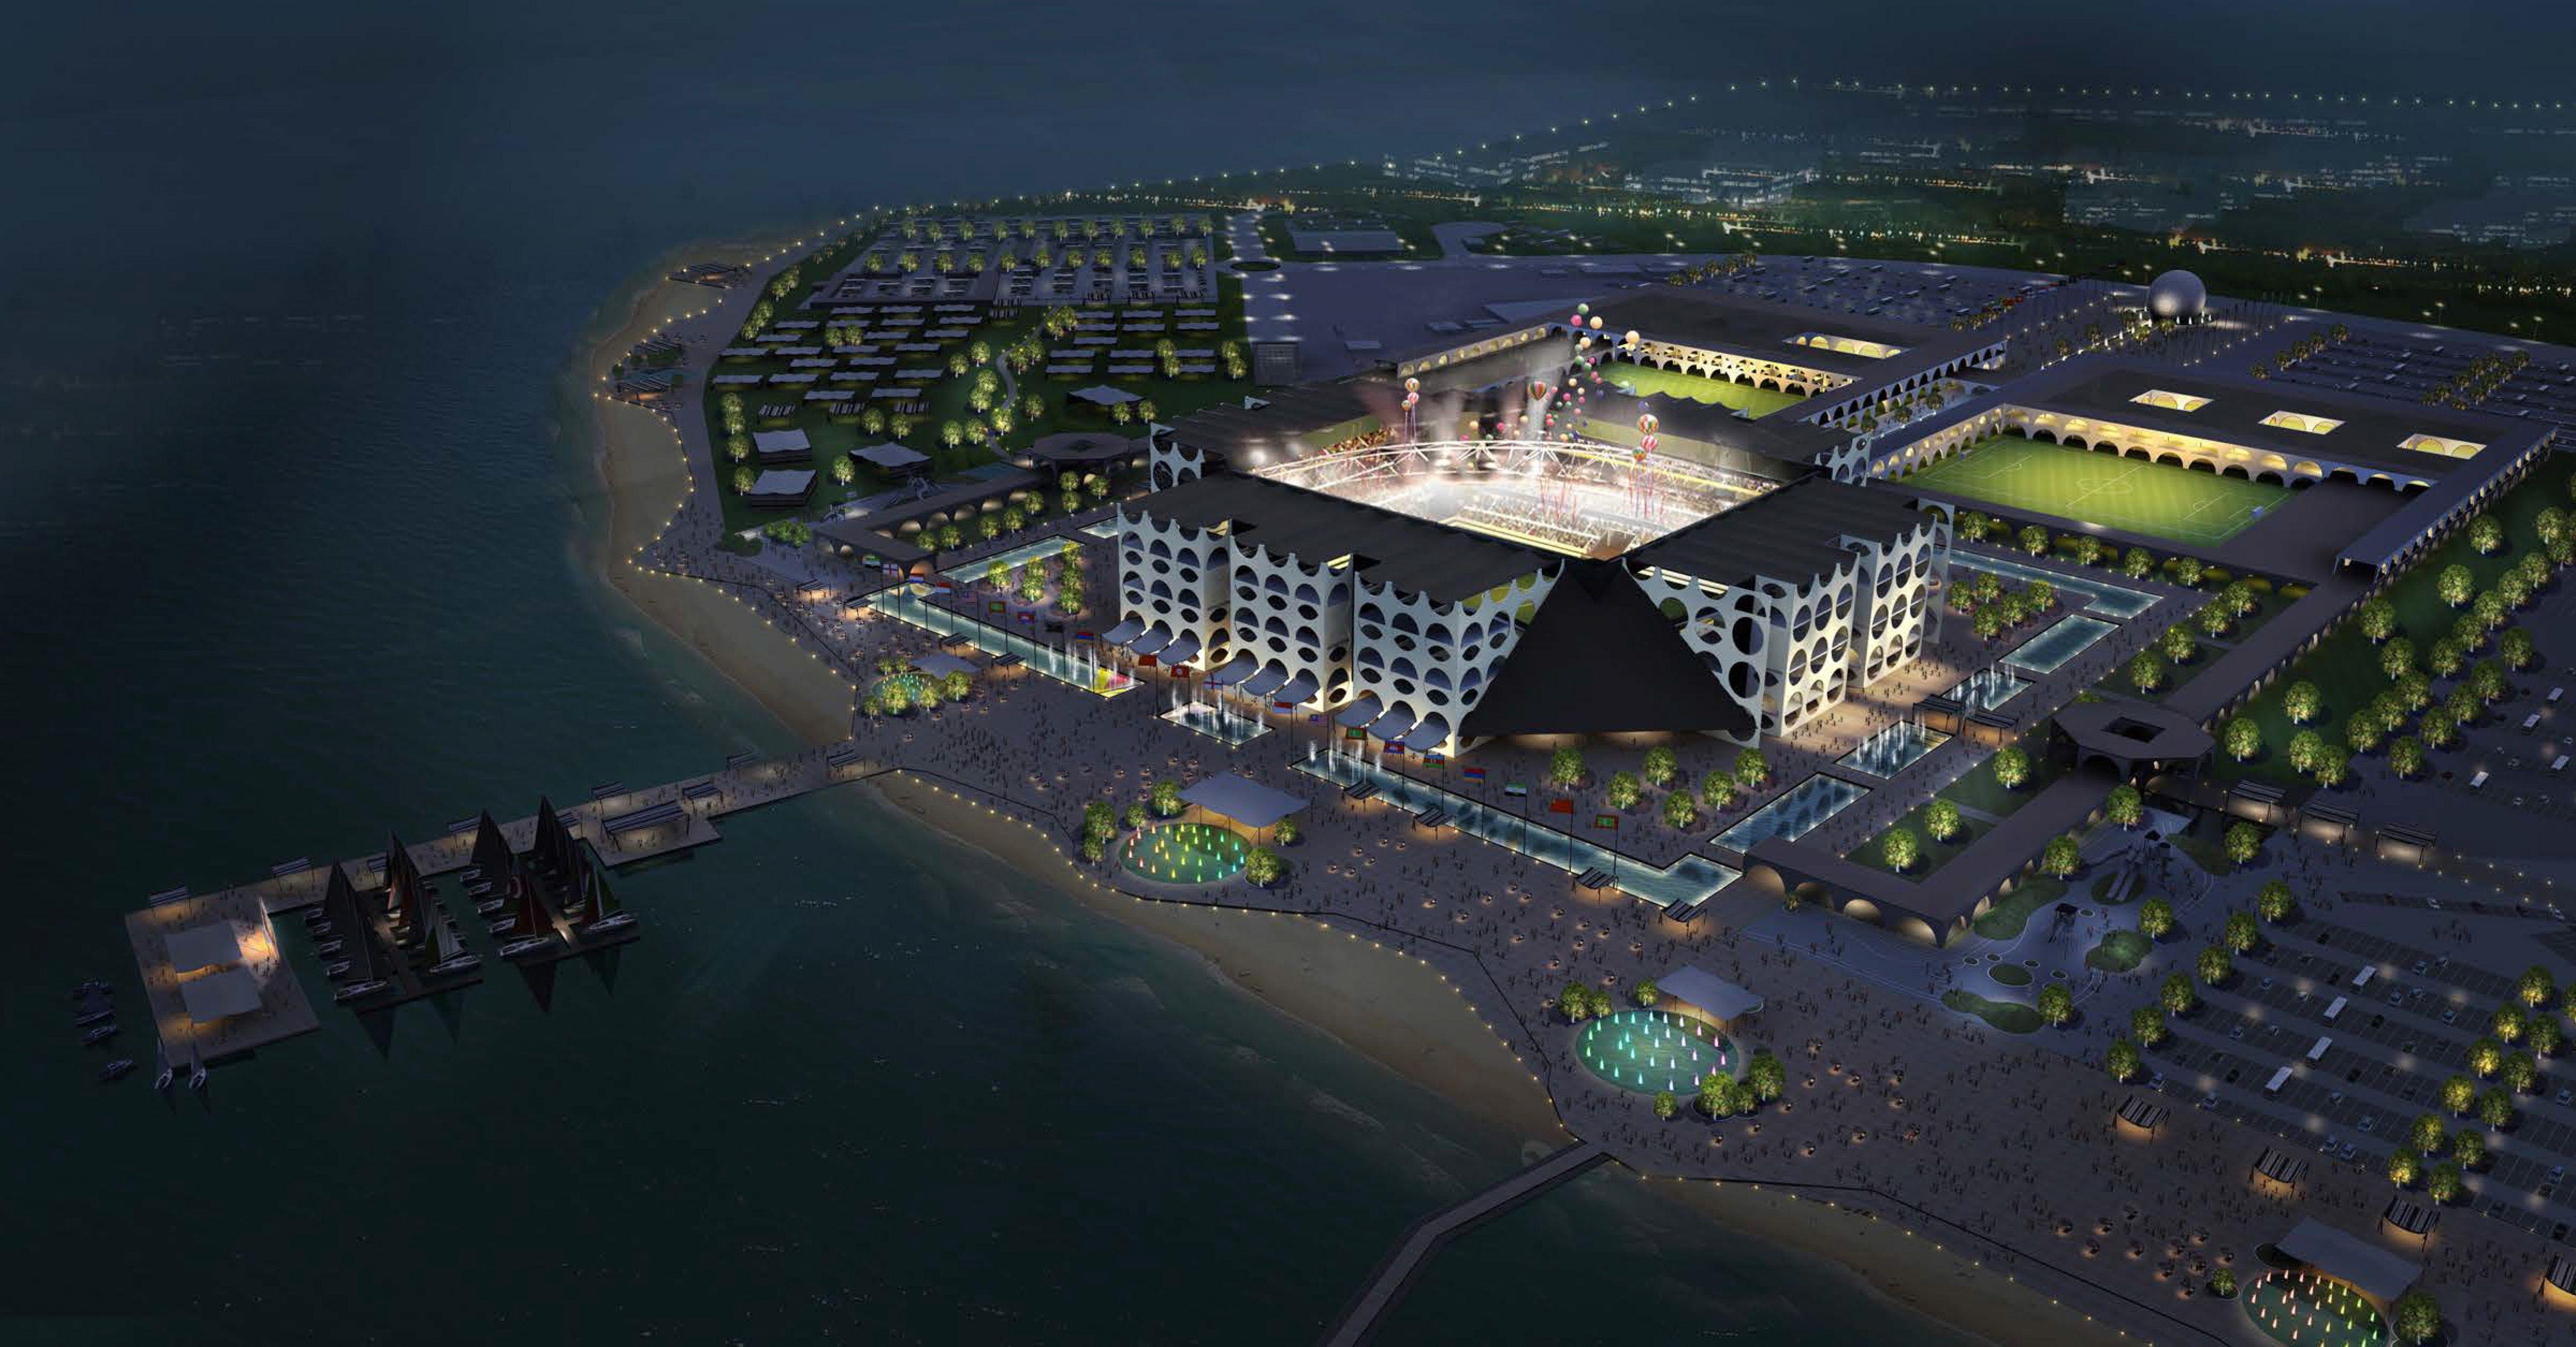 Landscape design and landscape planning for FIFA 2022 ...